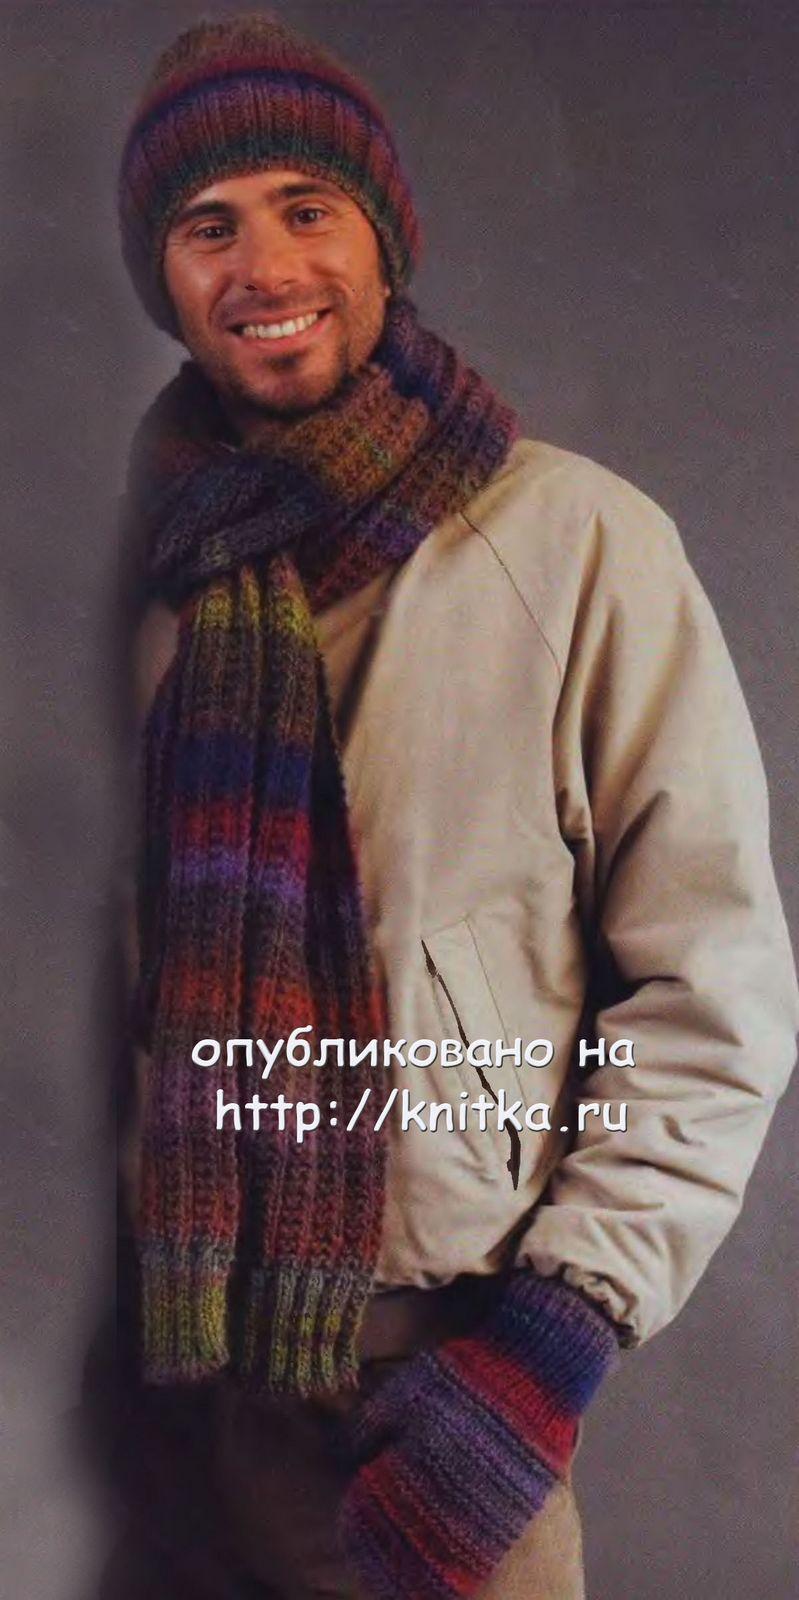 Для вязания комплекта вам потребуется: 200 г для шарфа, 100 г для варежек и 50 г для шапки меланжевой пряжи Mondial...